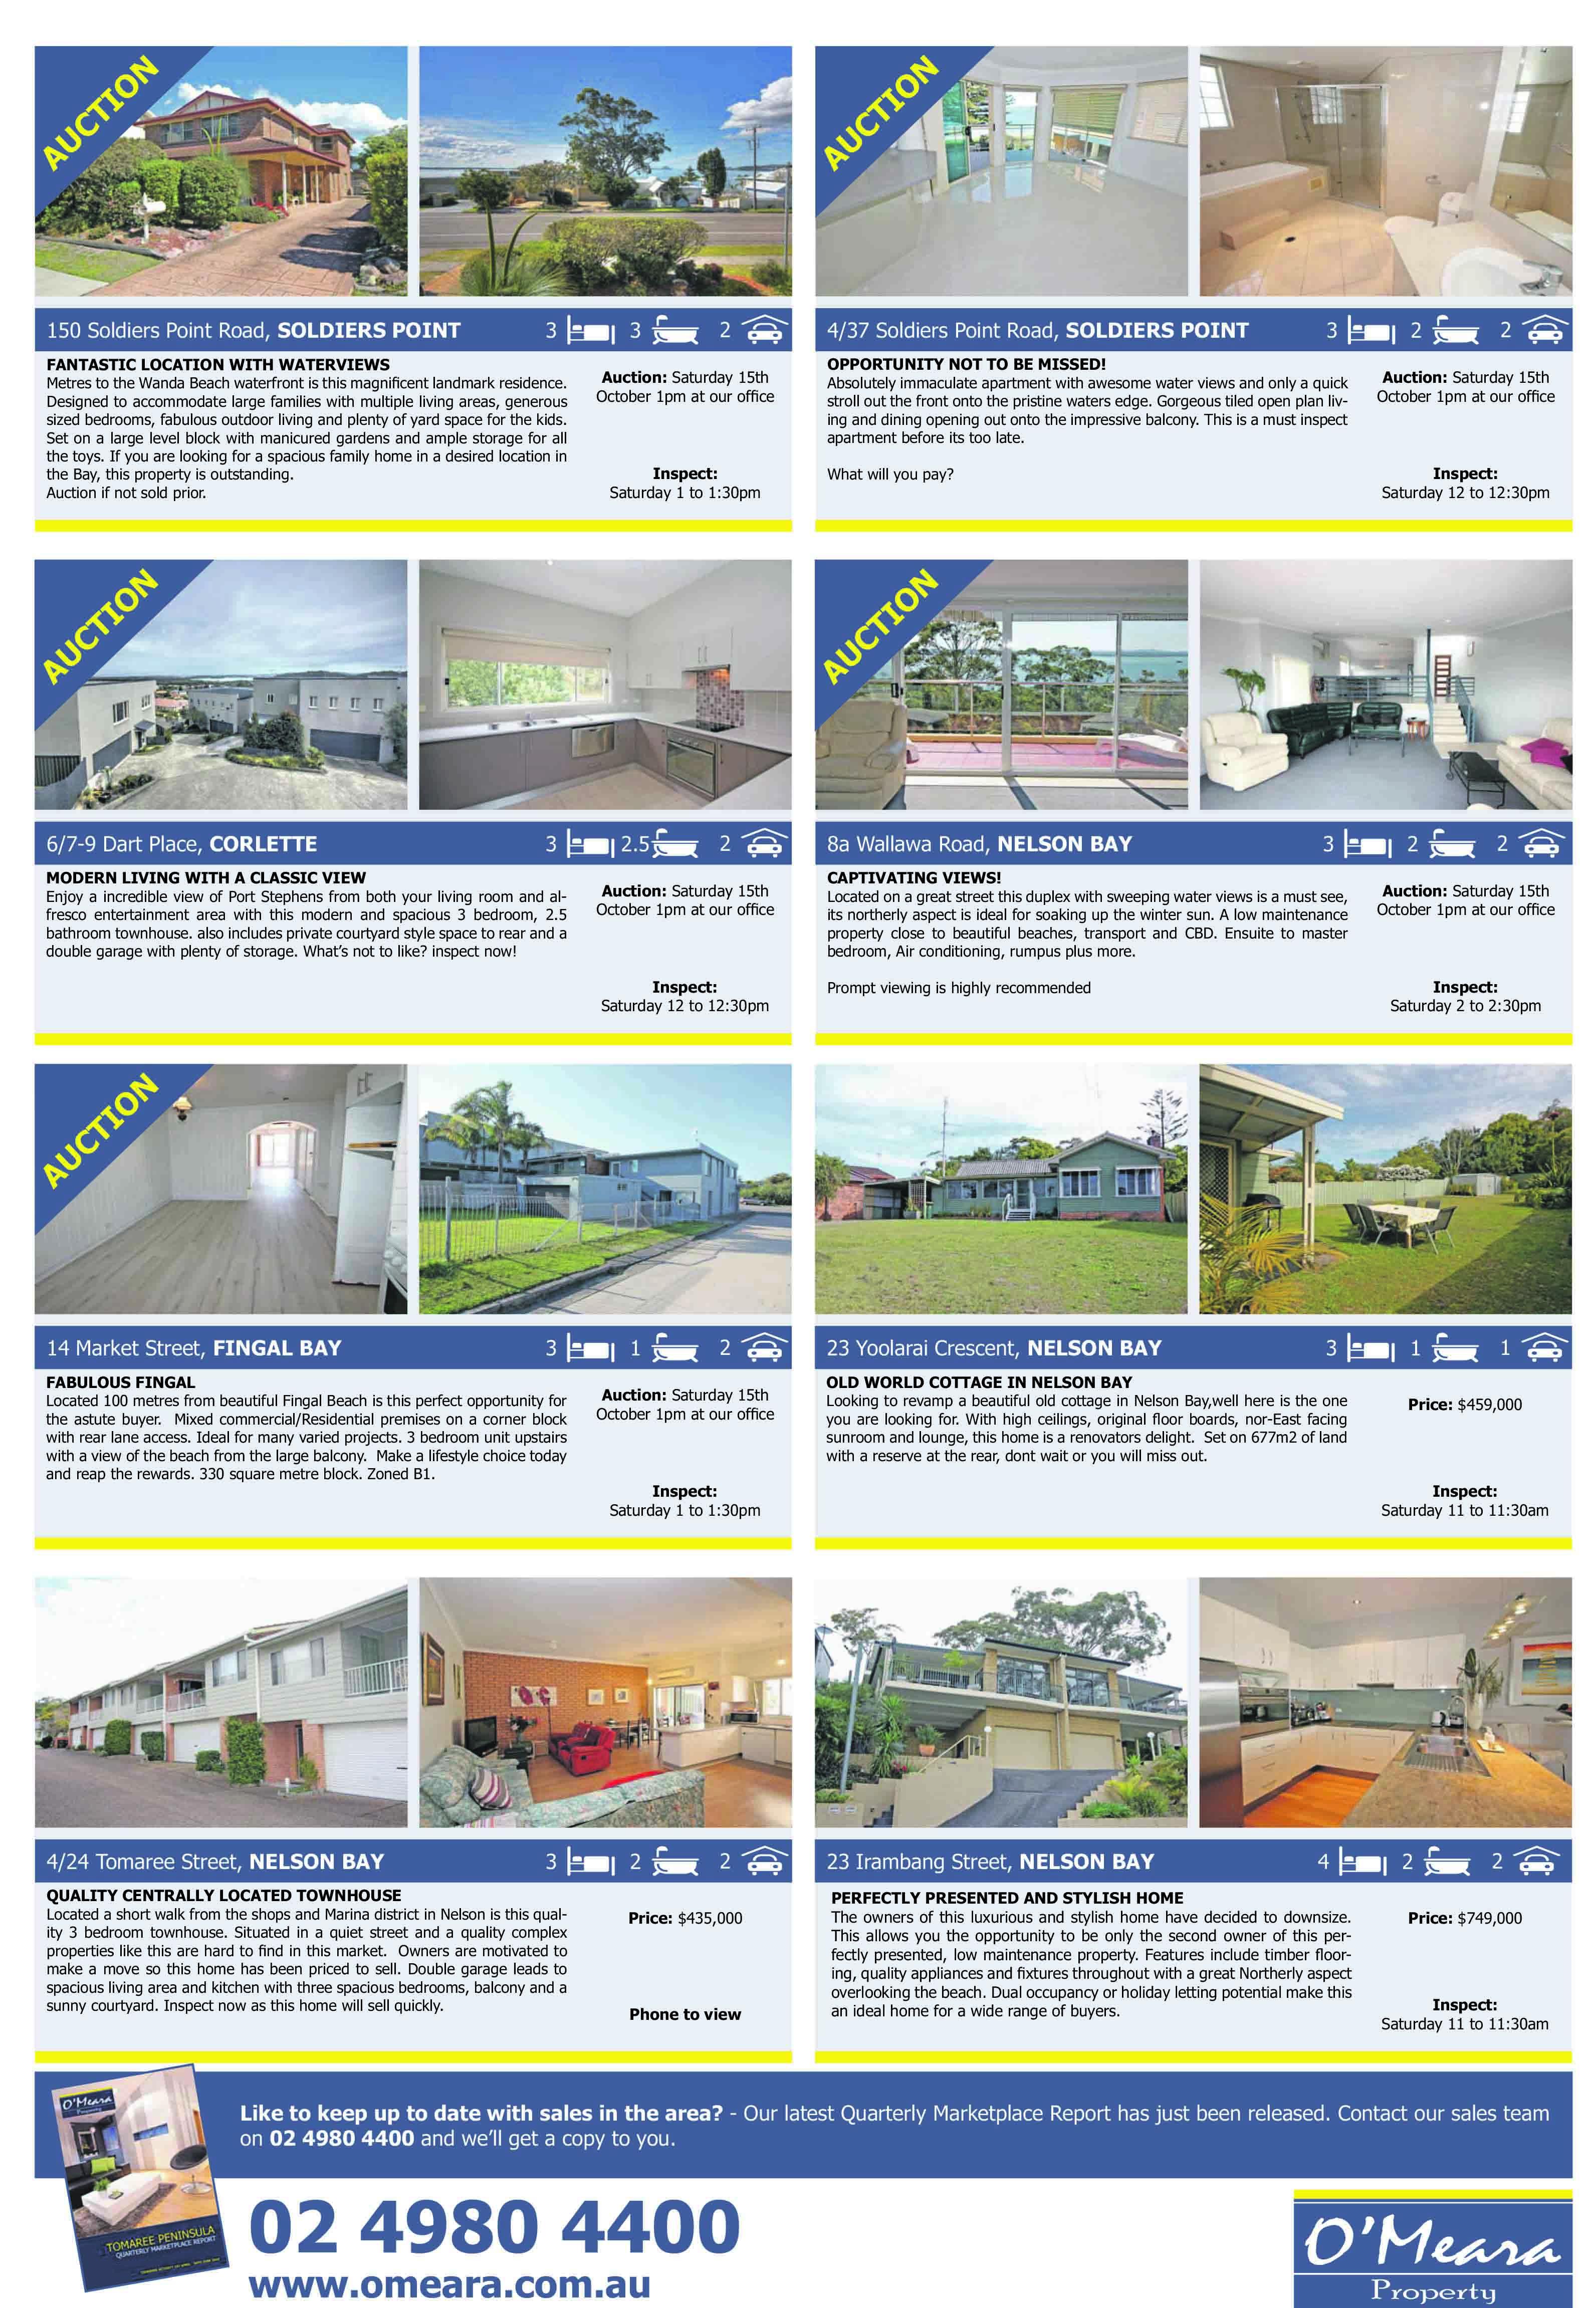 O'Meara Property